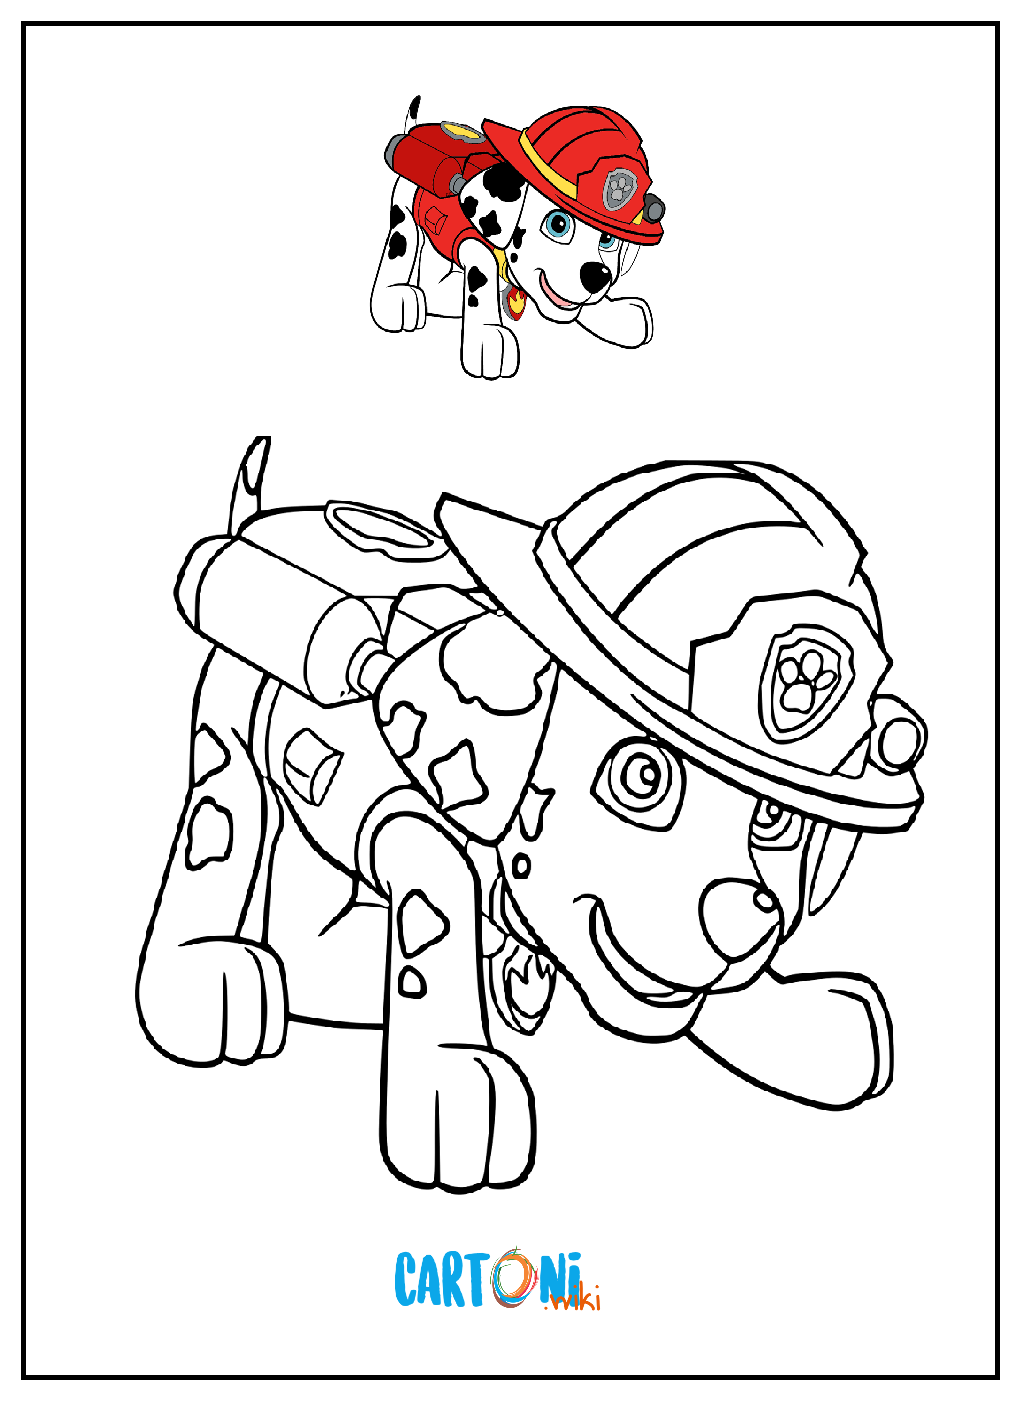 Marshall paw patrol da colorare cartoni animati for Disegni miraculous da colorare